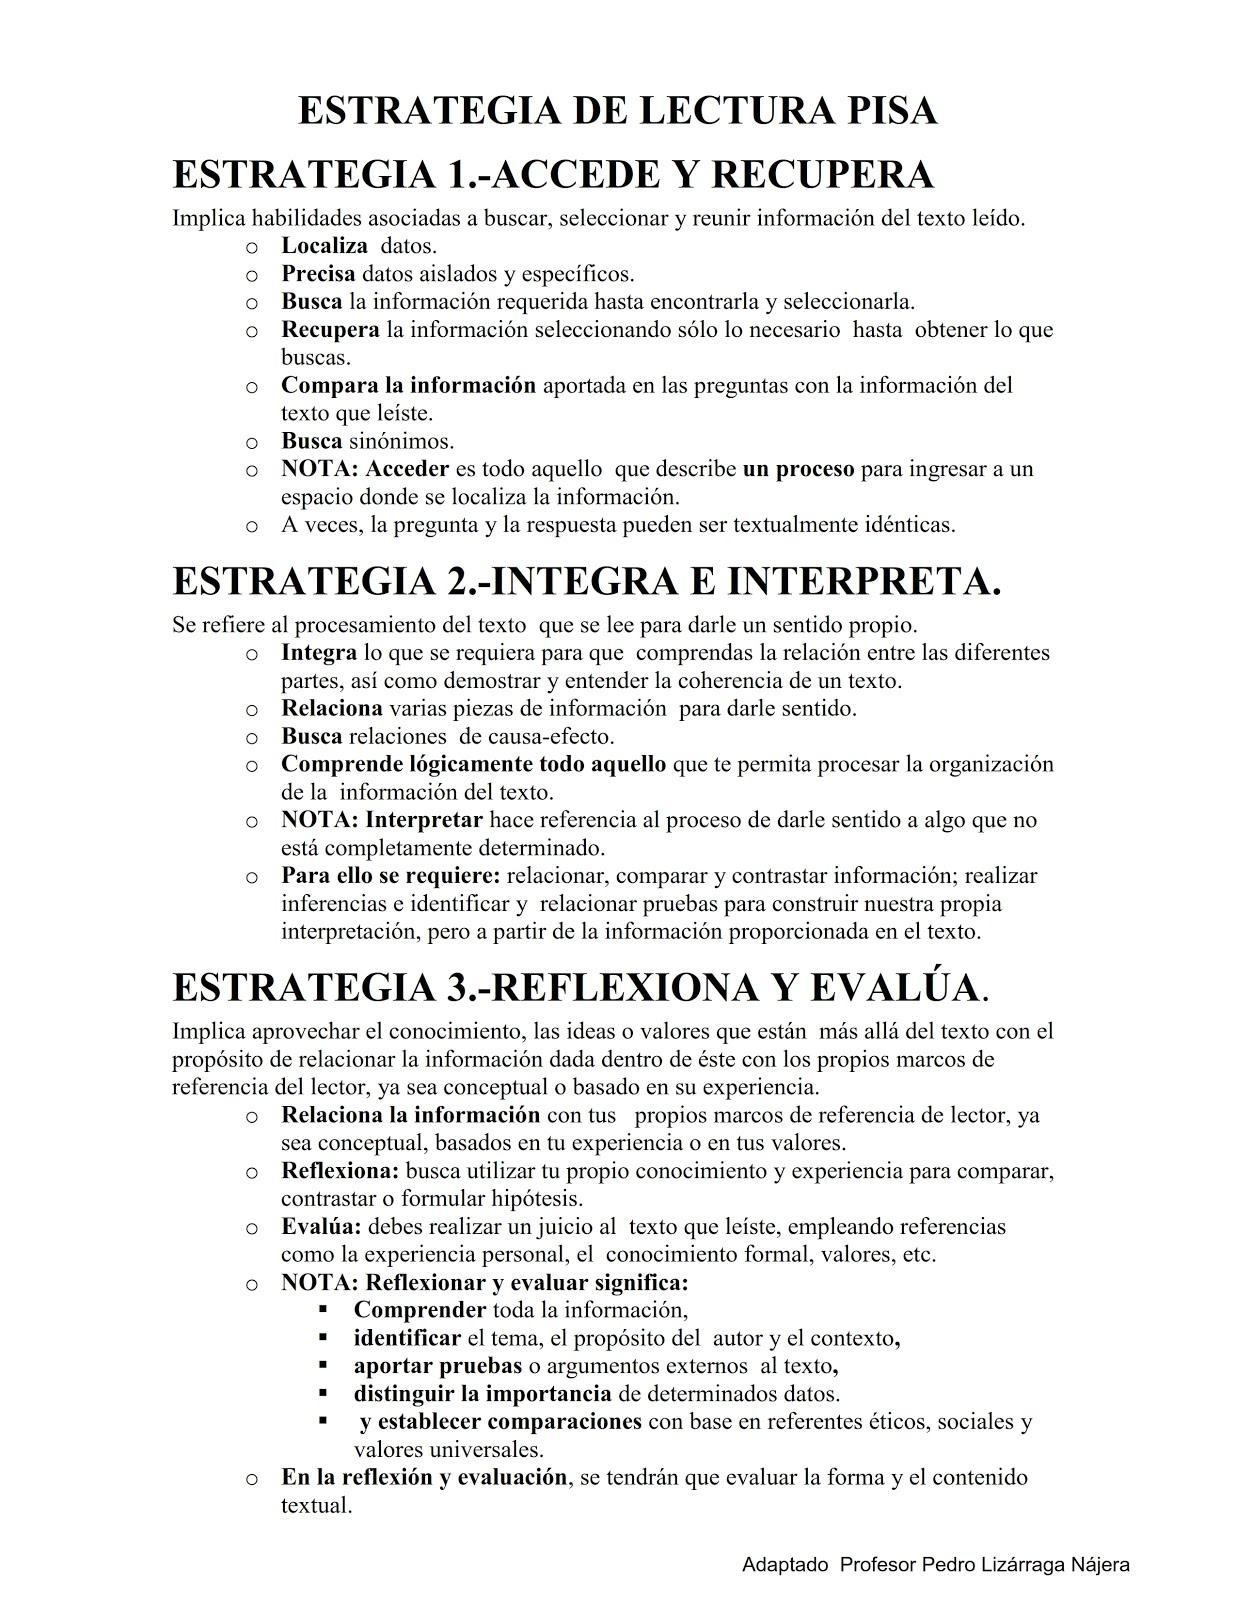 LEE  EL TEXTO Y APLICA ESTOS PASOS